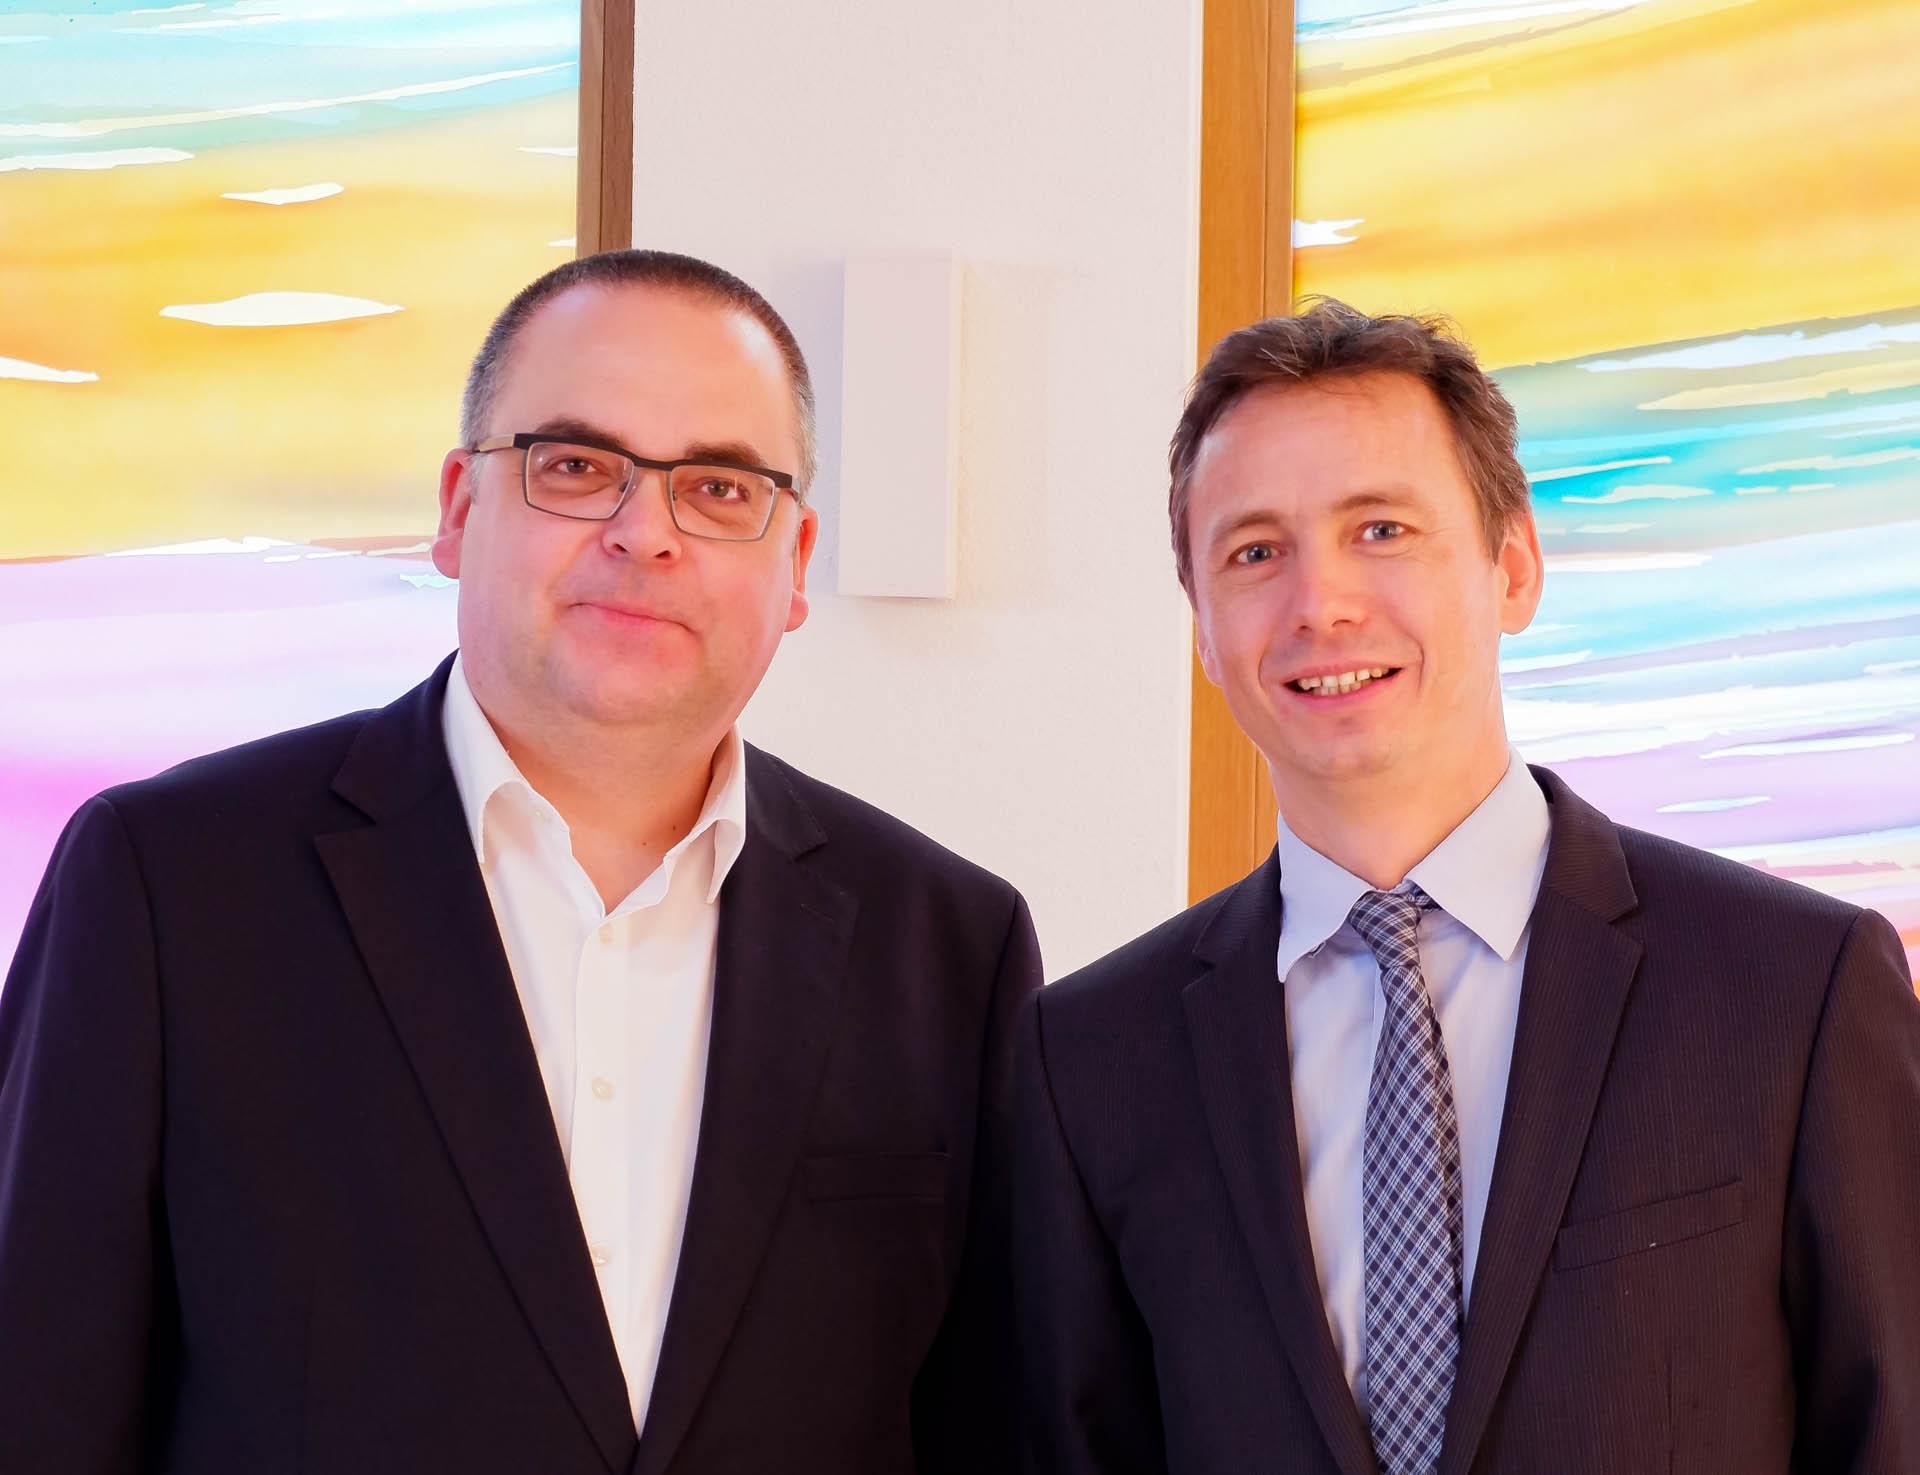 Vorstand Carsten Jacknau (l.) und kaufm. Direktor Daniel Schies (r.) leiten gemeinsam die Diakoniestation Bretten.